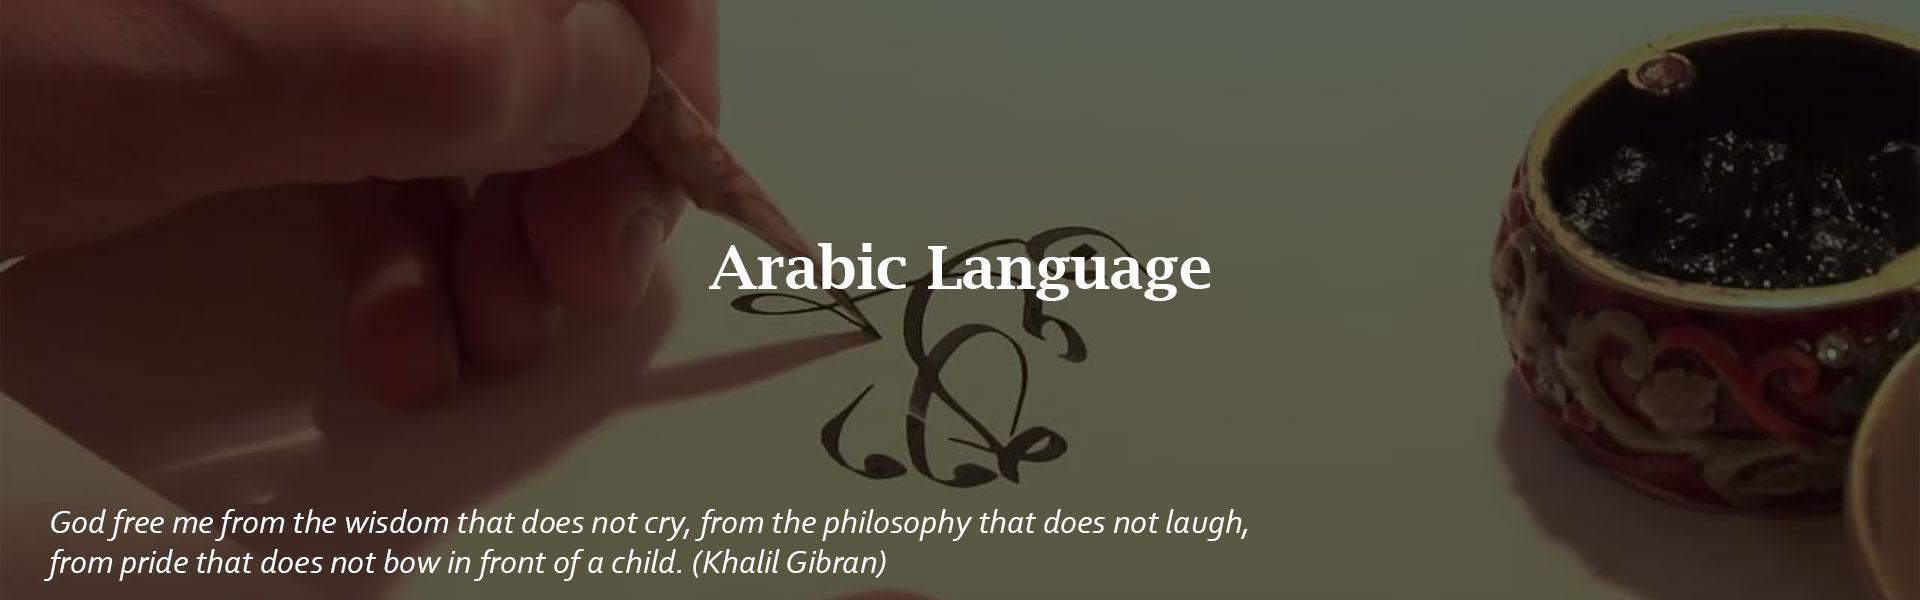 Arabic-language-Alif pisa